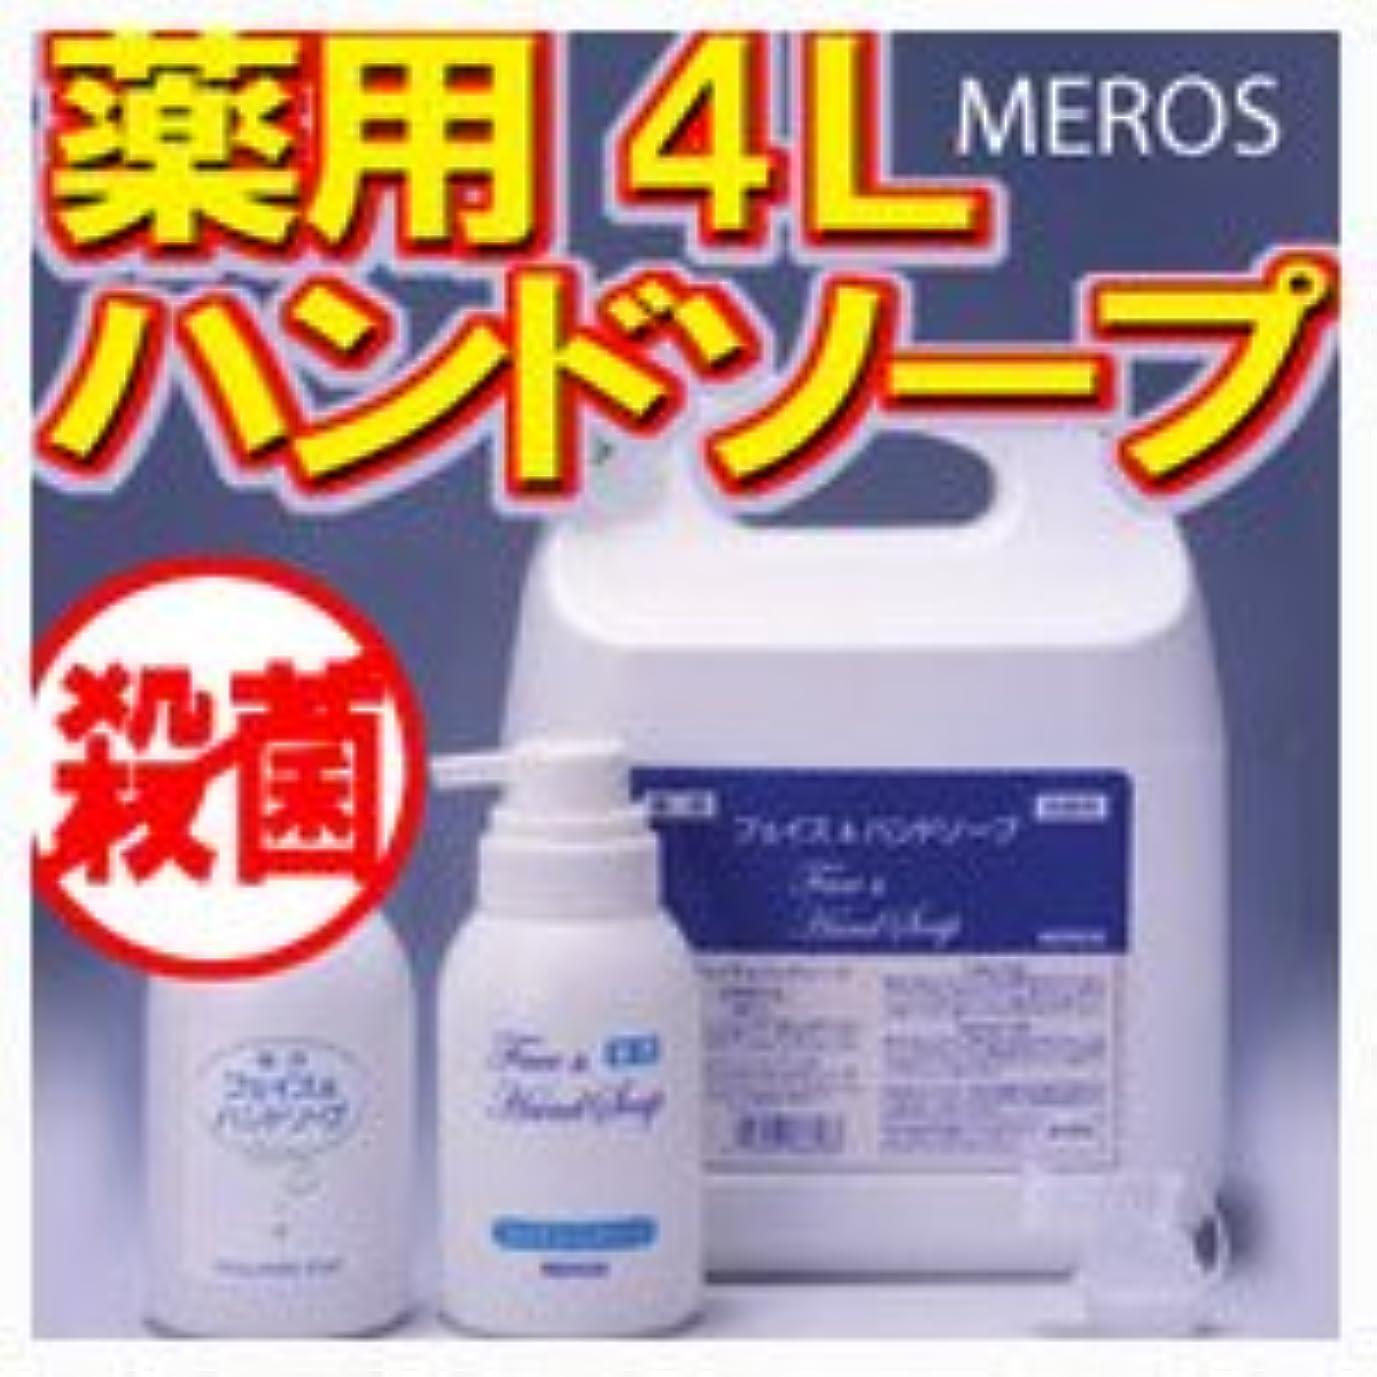 子猫切るステップメロス 薬用ハンドソープ 4L 【泡ポンプボトル付き】